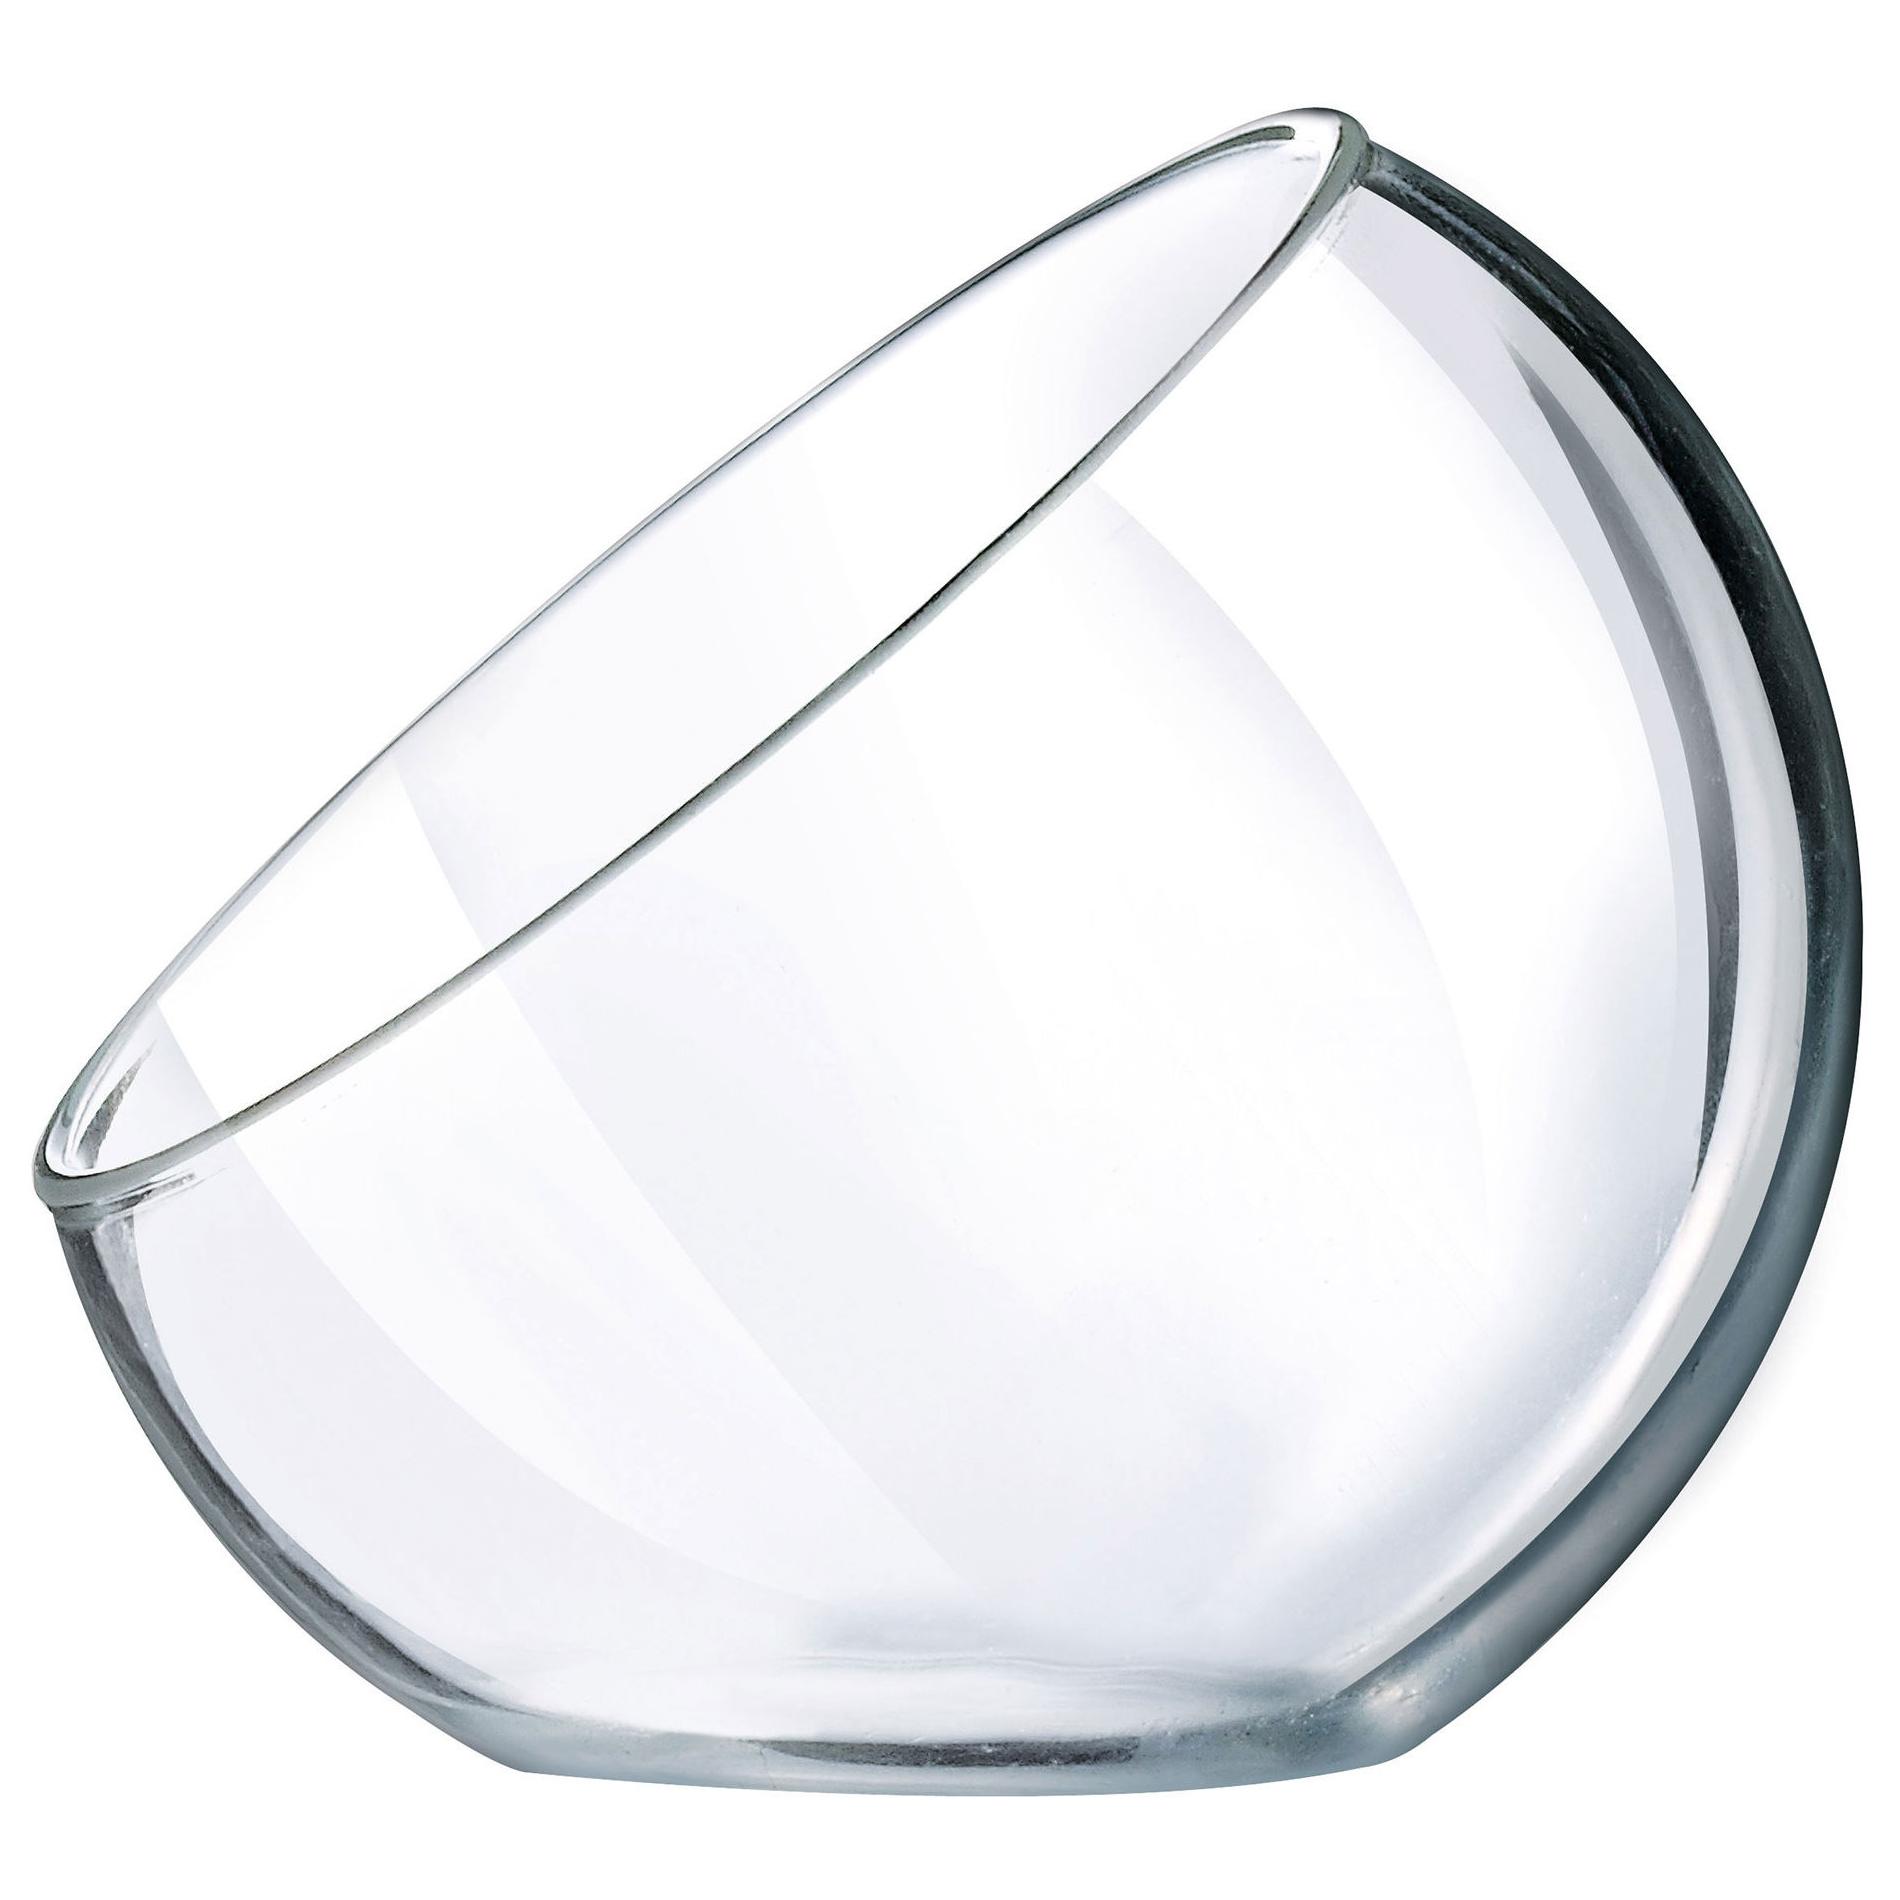 Pucharki do lodów